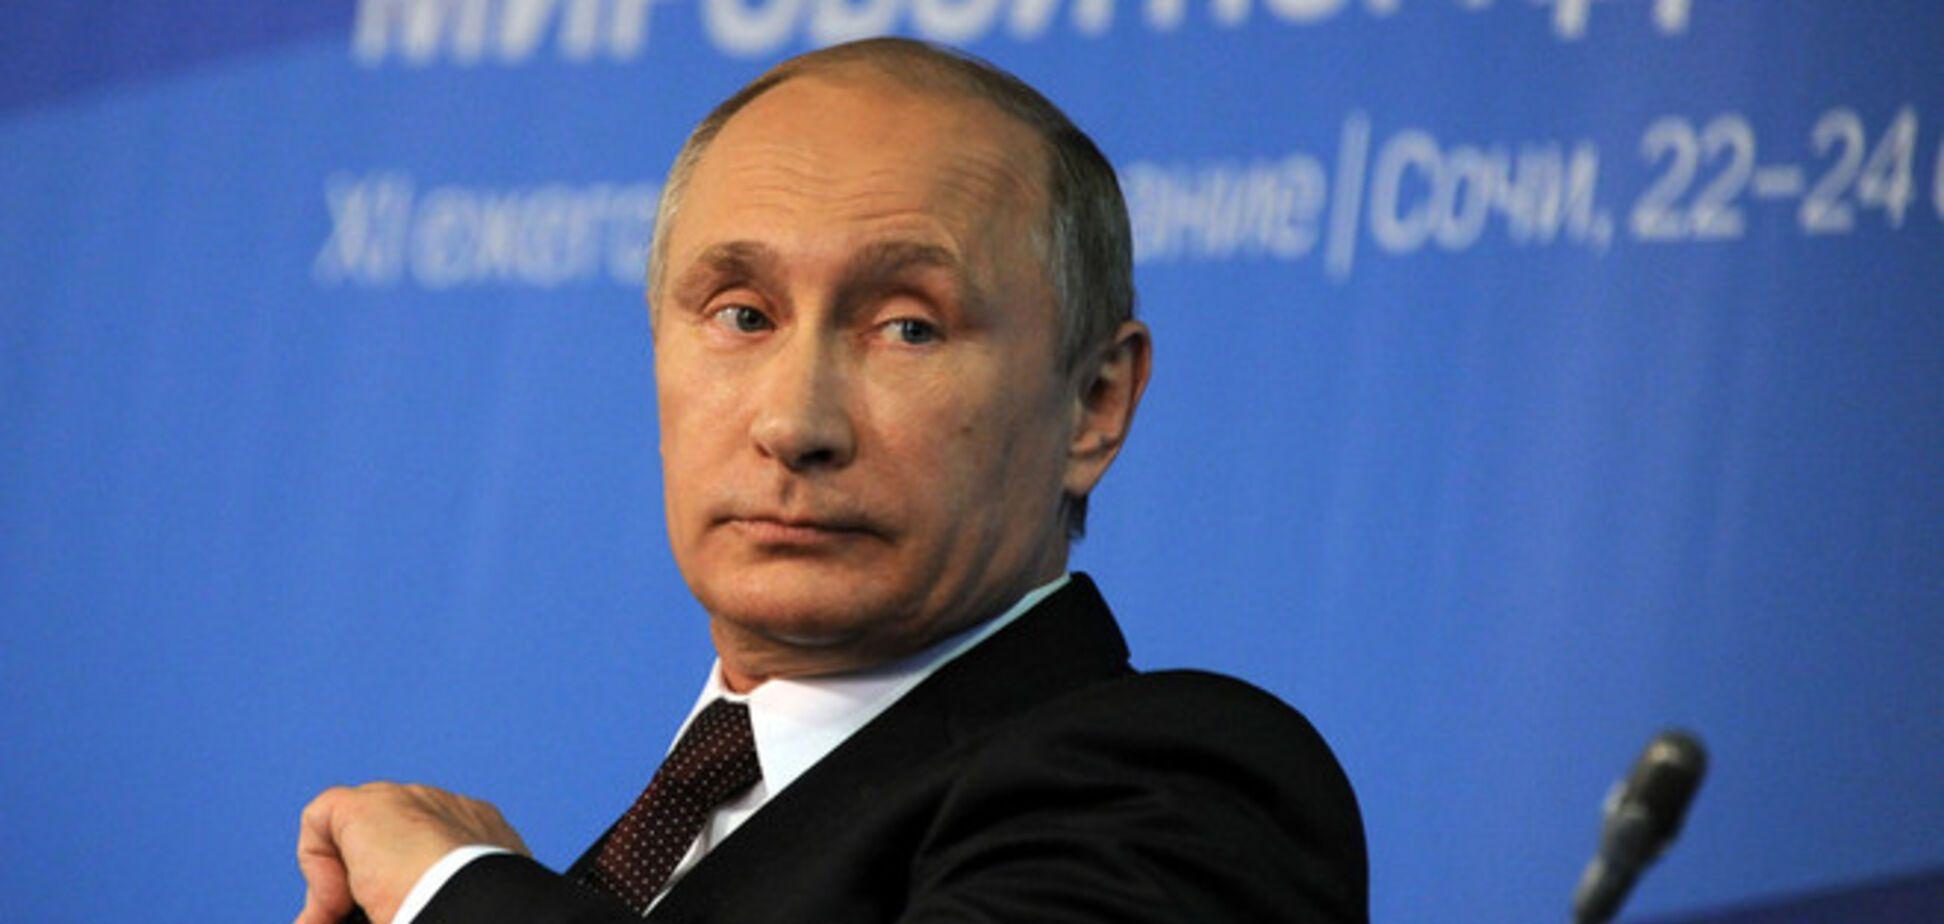 На 'Валдае' Путин признал, что давно предупреждал Запад о вторжении в Украину - Кох